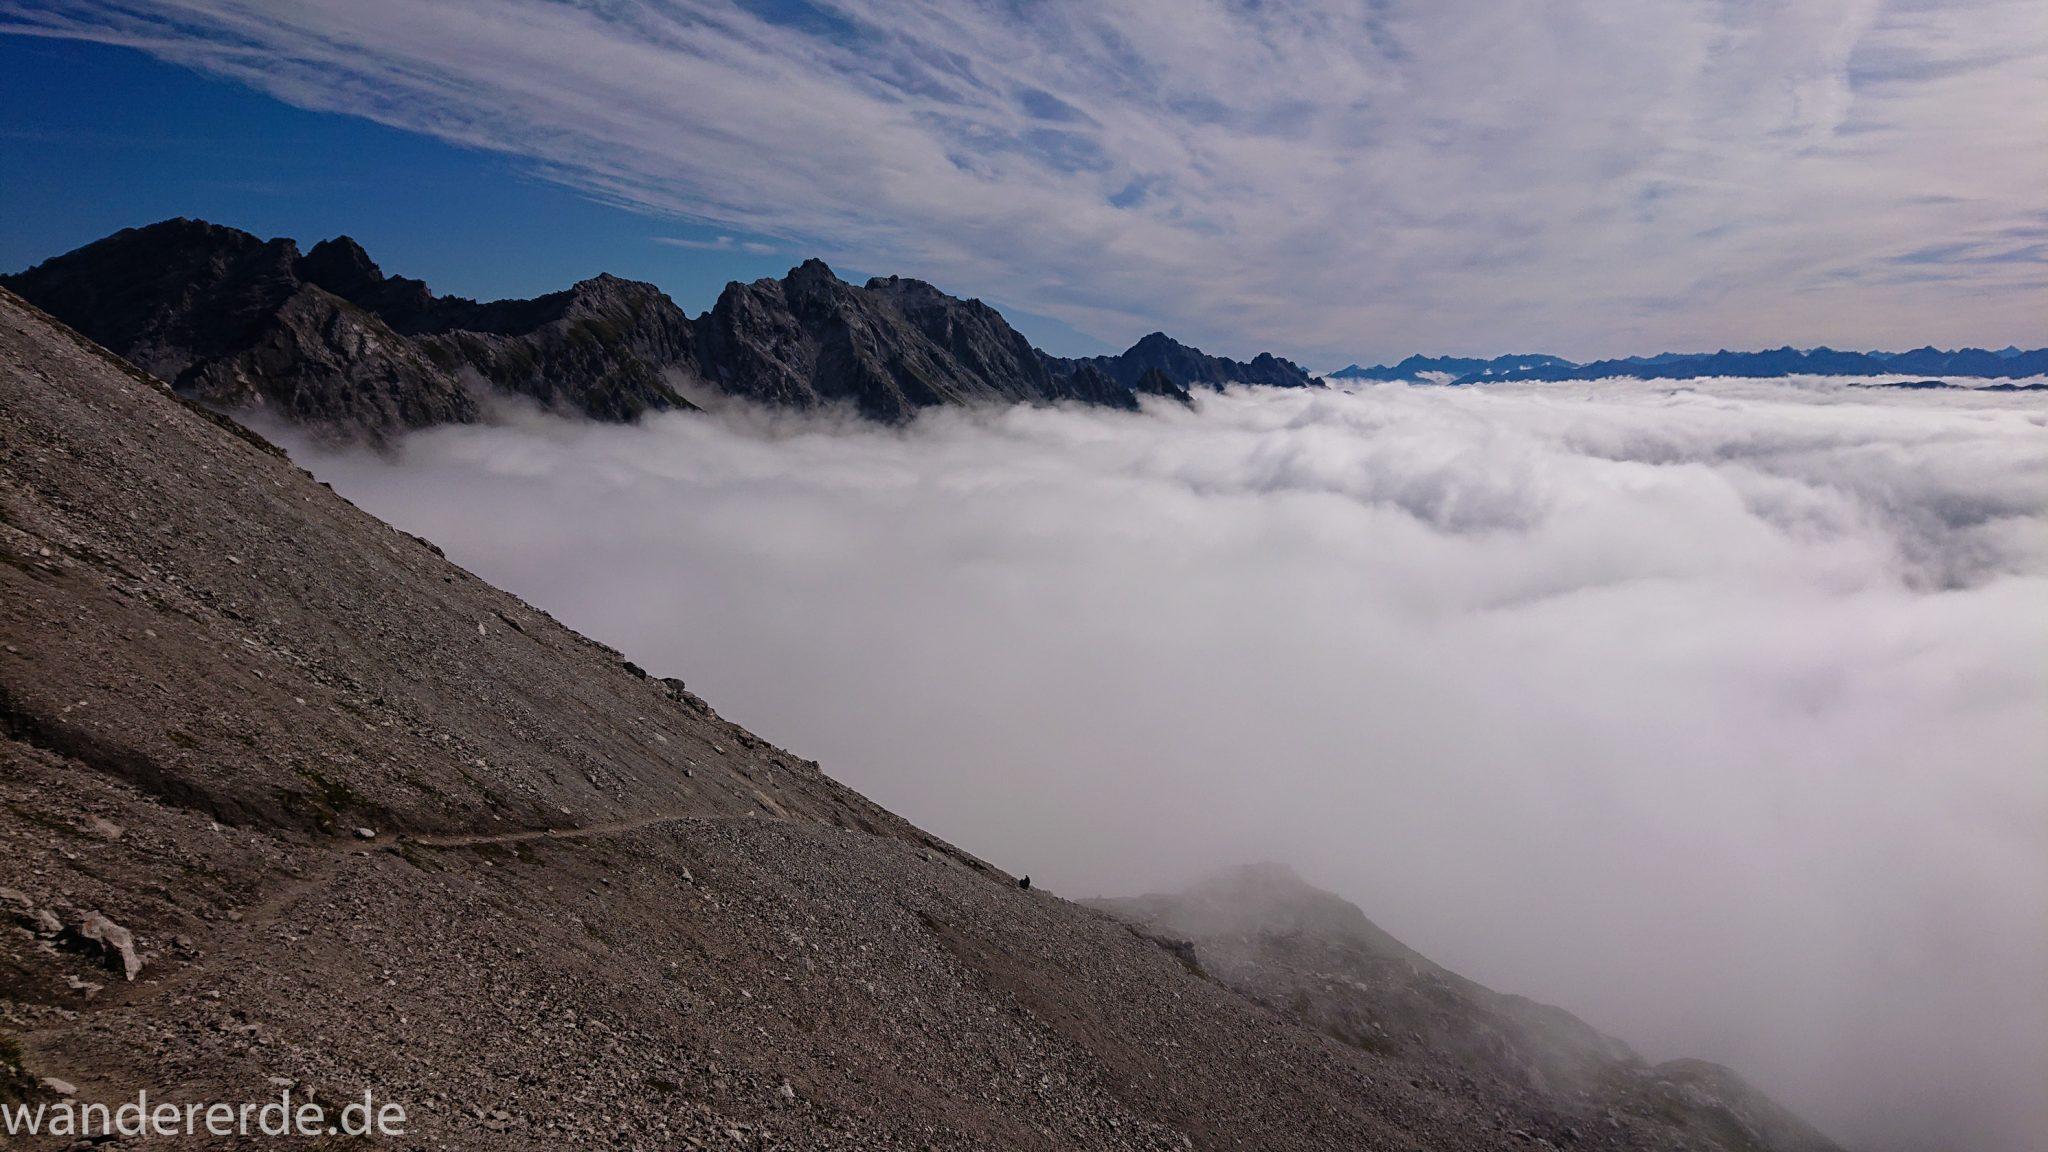 Alpenüberquerung Fernwanderweg E5 Oberstdorf Meran, 3. Etappe von Memminger Hütte zur Skihütte Zams, Blick auf die vor einem liegenden Berge der Alpen bei Erreichen der Seescharte, nach langem, steilen Aufstieg auf der schattigen Seite erreicht man damit die sonnige Seite und somit den Beginn eines lange währenden Abstiegs, Blick auf schmalen Wanderpfad mit viel Geröll während Abstieg ins Lochbachtal Richtung Zams, Berge liegen im Nebel verborgen